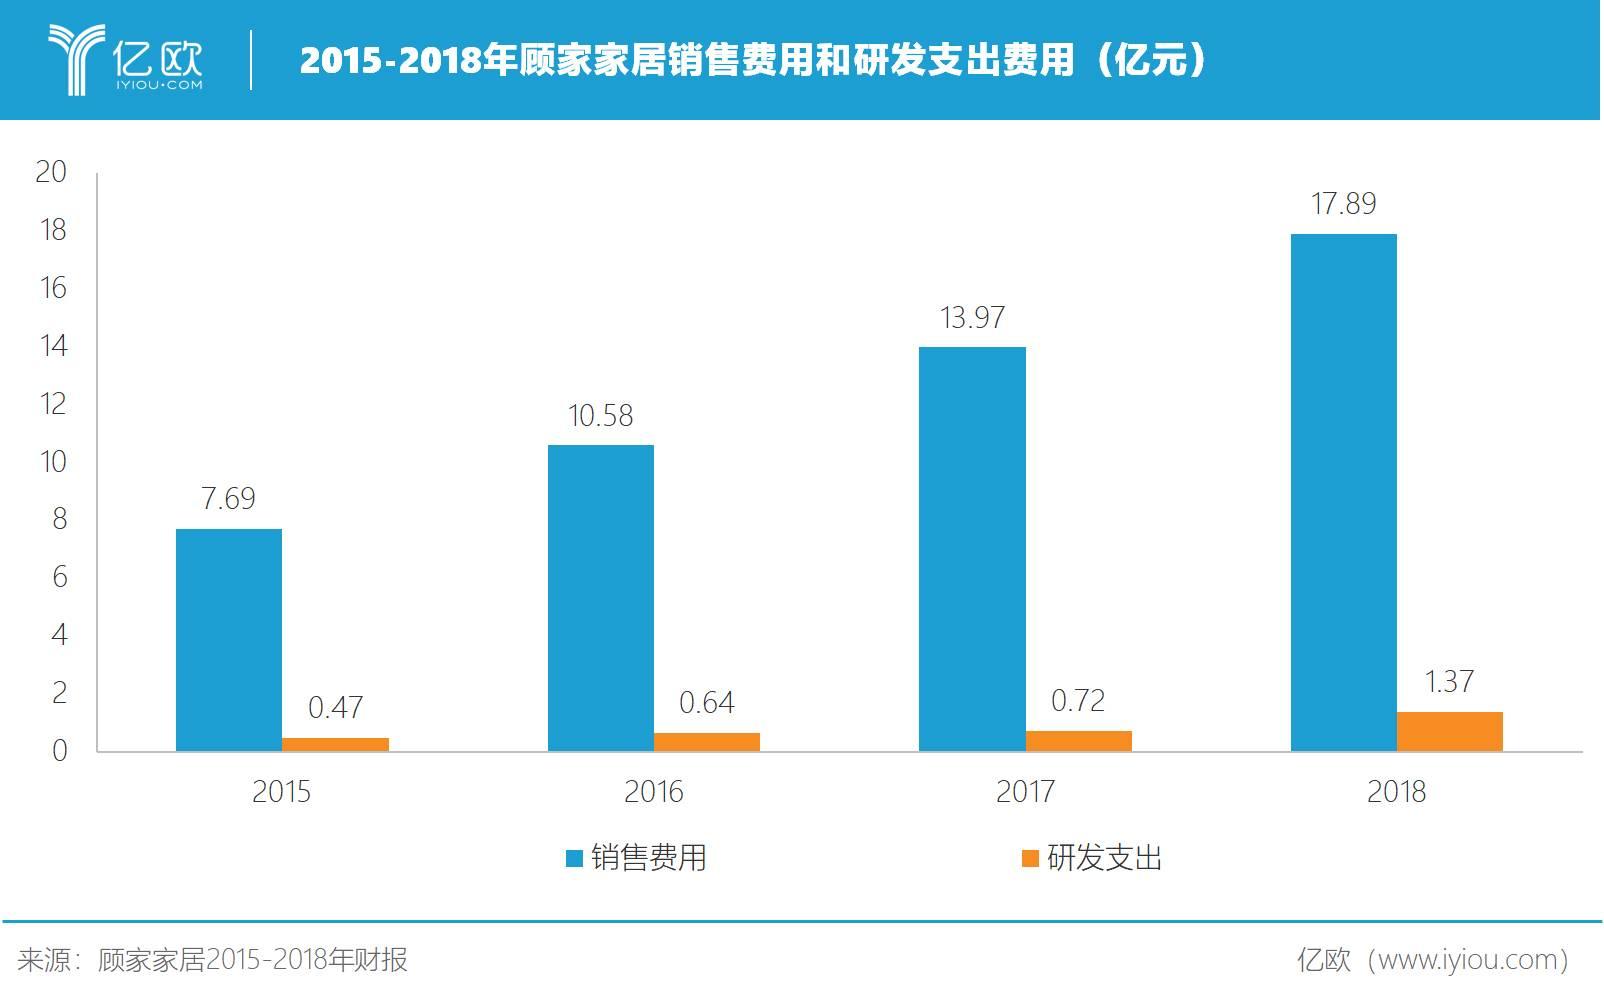 2015-2018年顾家家居销售费用和研发支出费用(亿元)